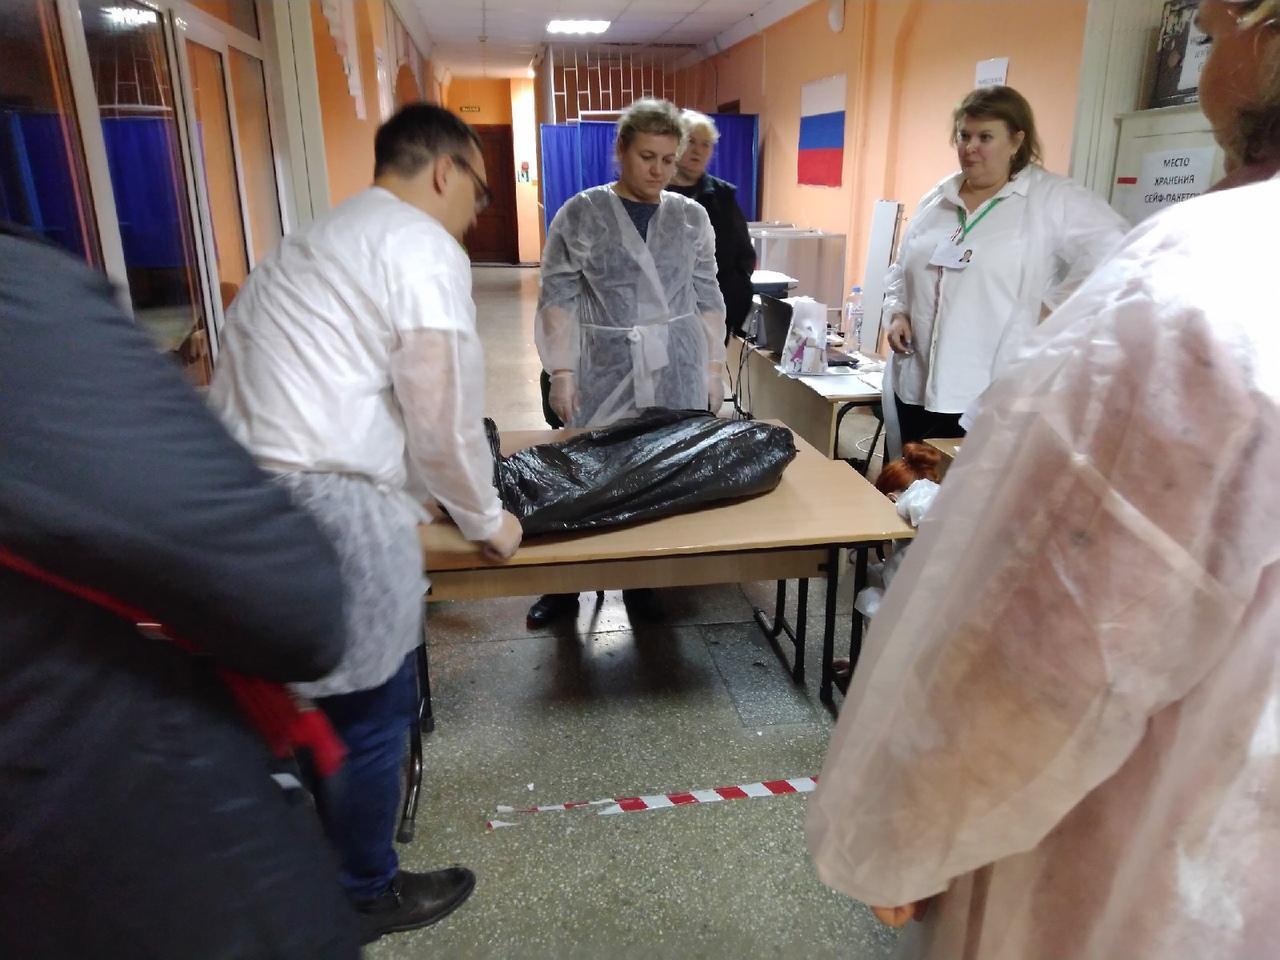 Фото Выборы в Новосибирске: онлайн дня голосования за депутатов Госдумы 19 сентября 2021 года 10